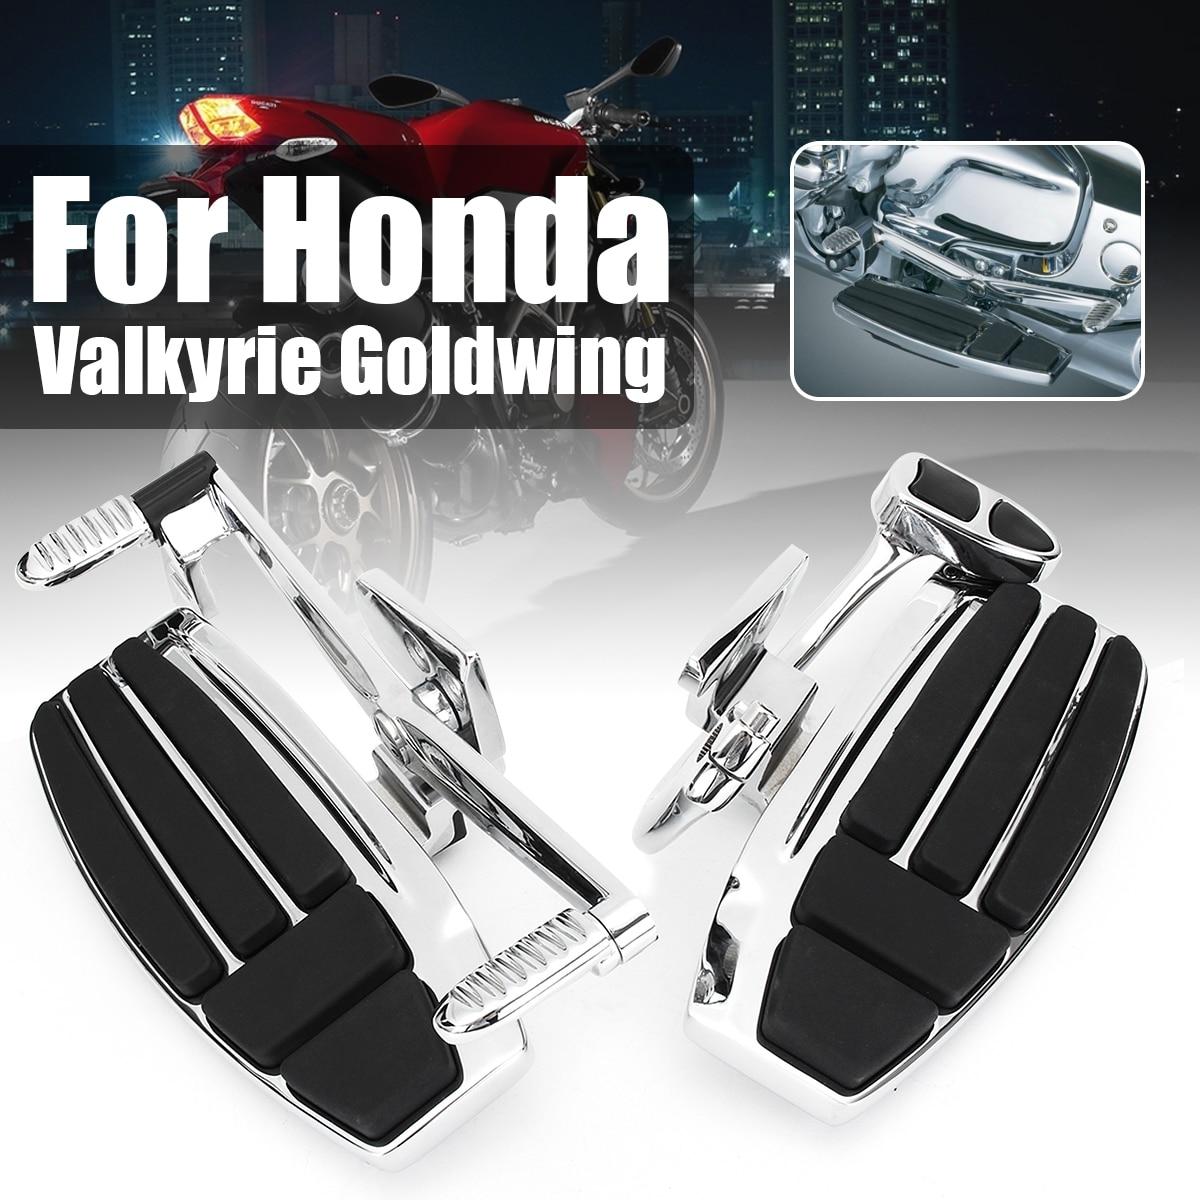 En Alliage d'aluminium Conducteur Avant Moto Pied Peg pour Honda Valkyrie 1800 2014-2015 Goldwing GL1800 2001-2016 F6B 2013-2016